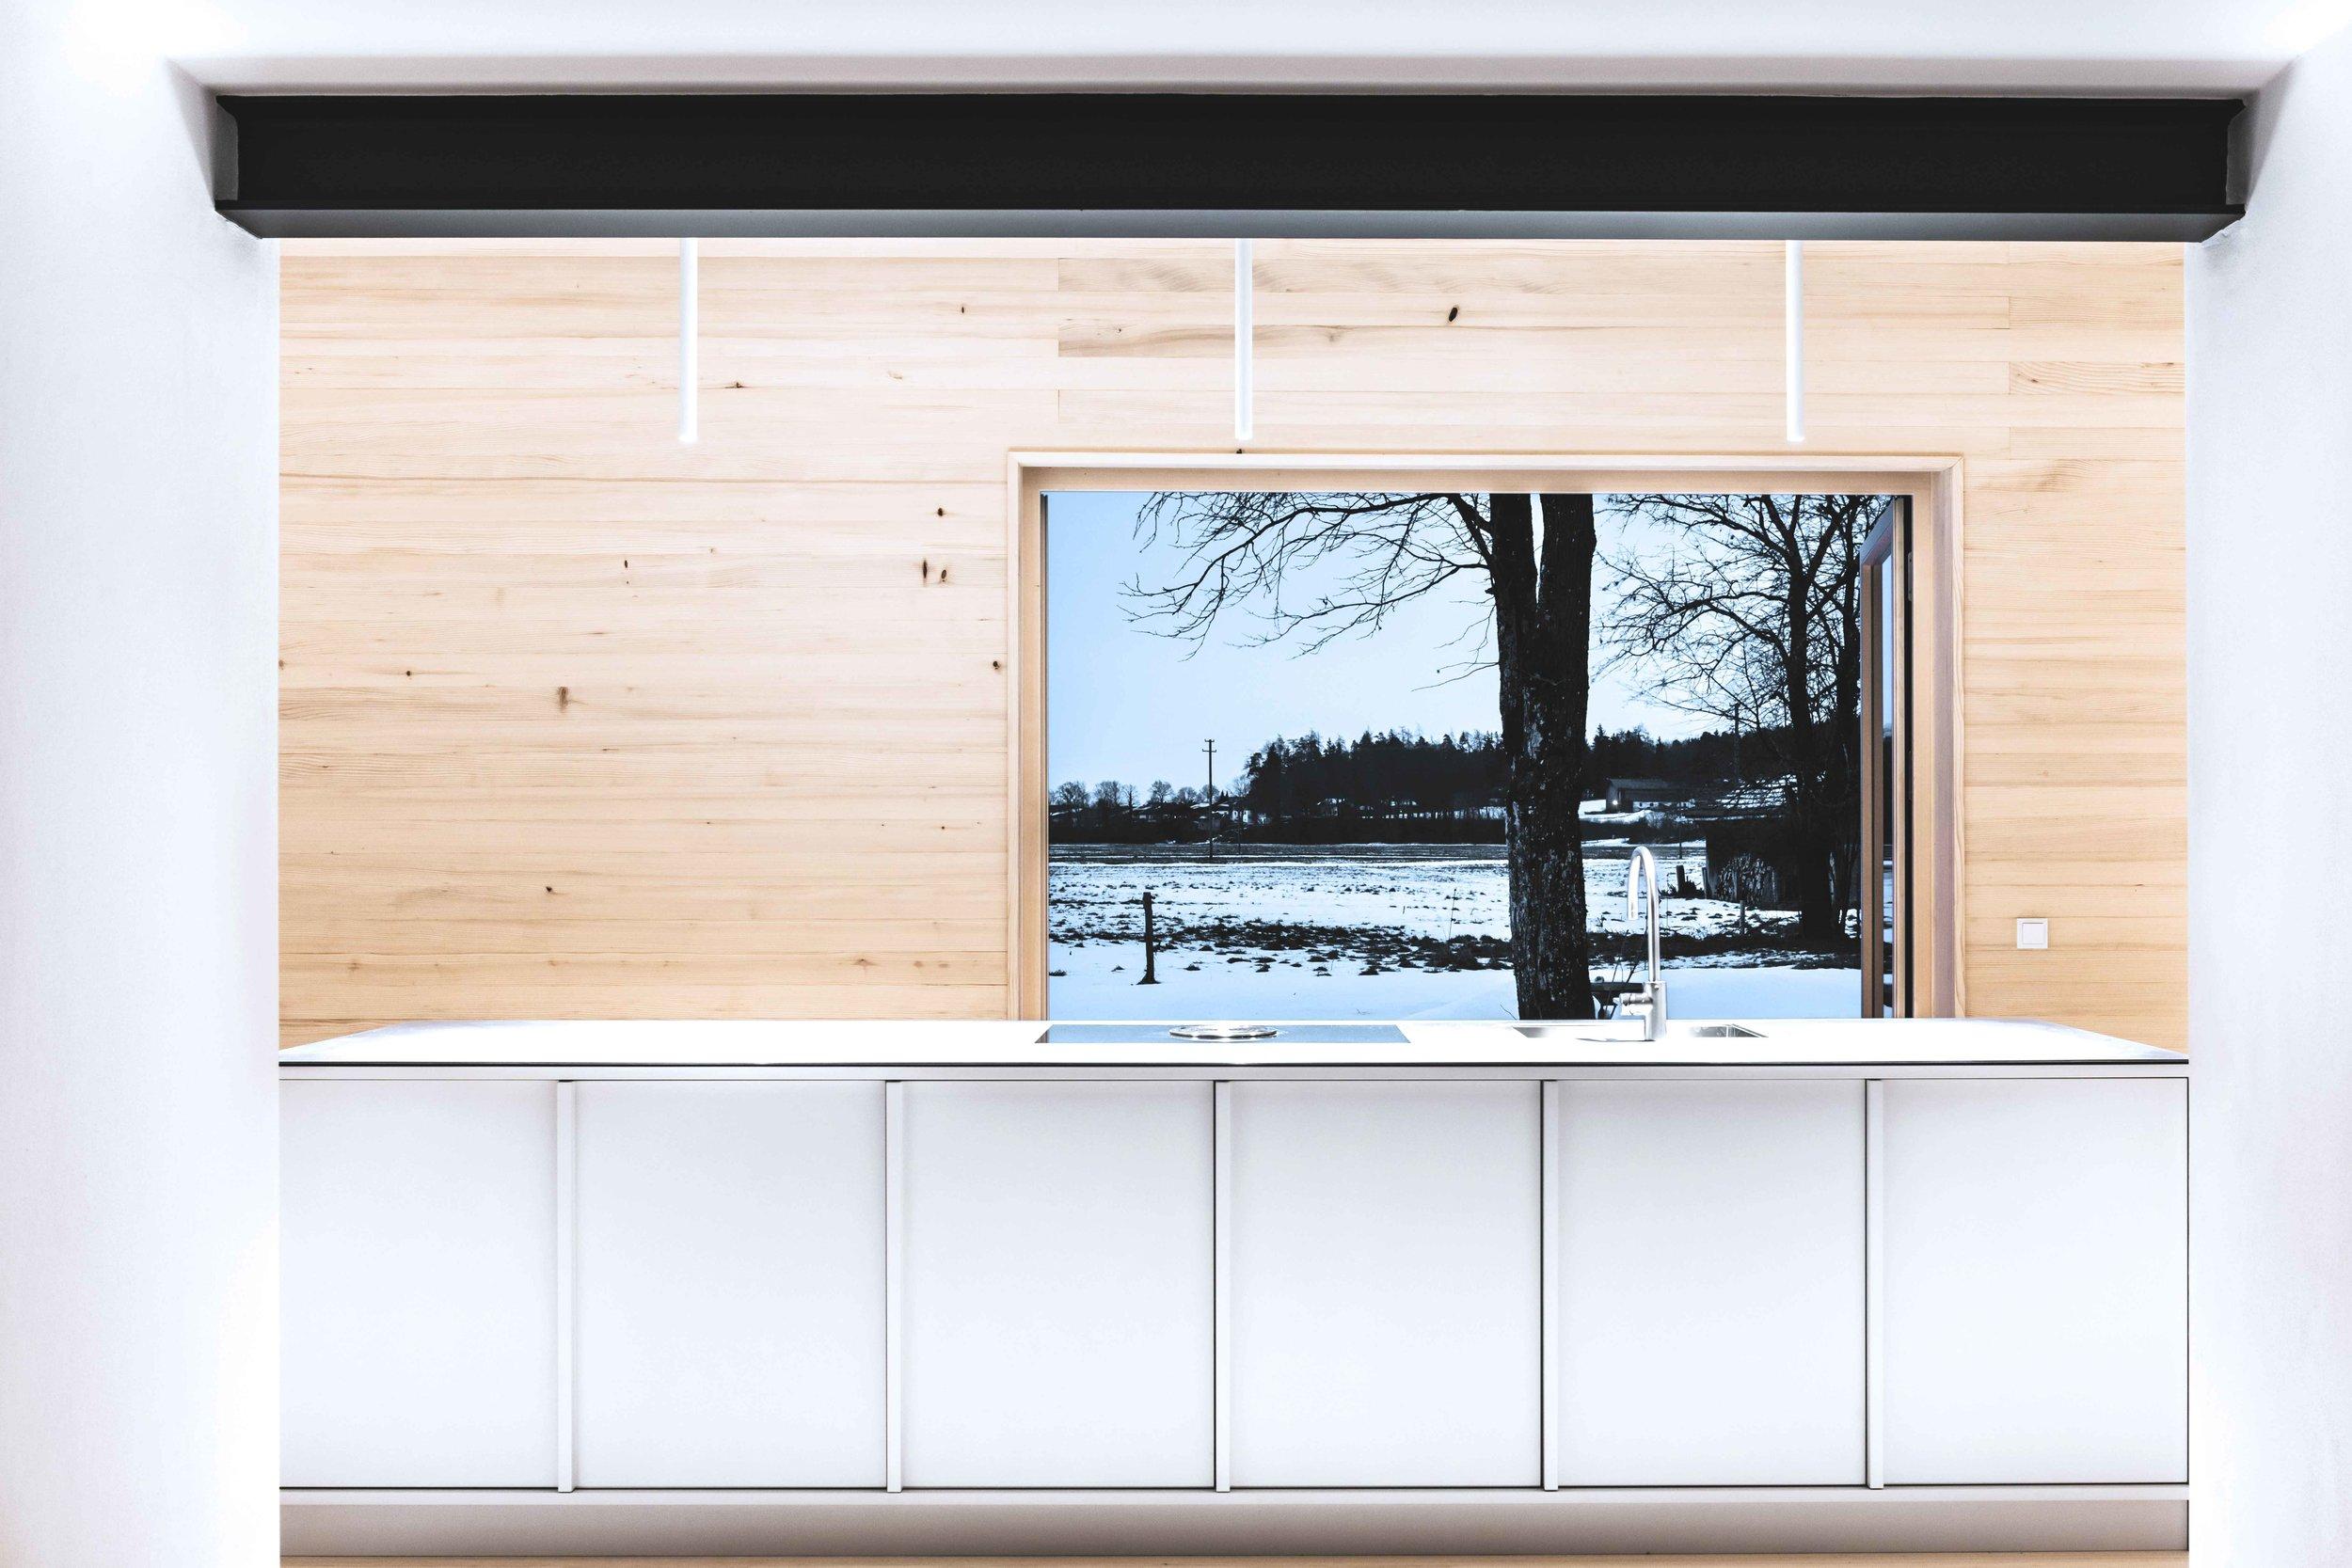 Buero Philipp Moeller-Bauernhaus-Sanierung-Waschhaus1.jpg